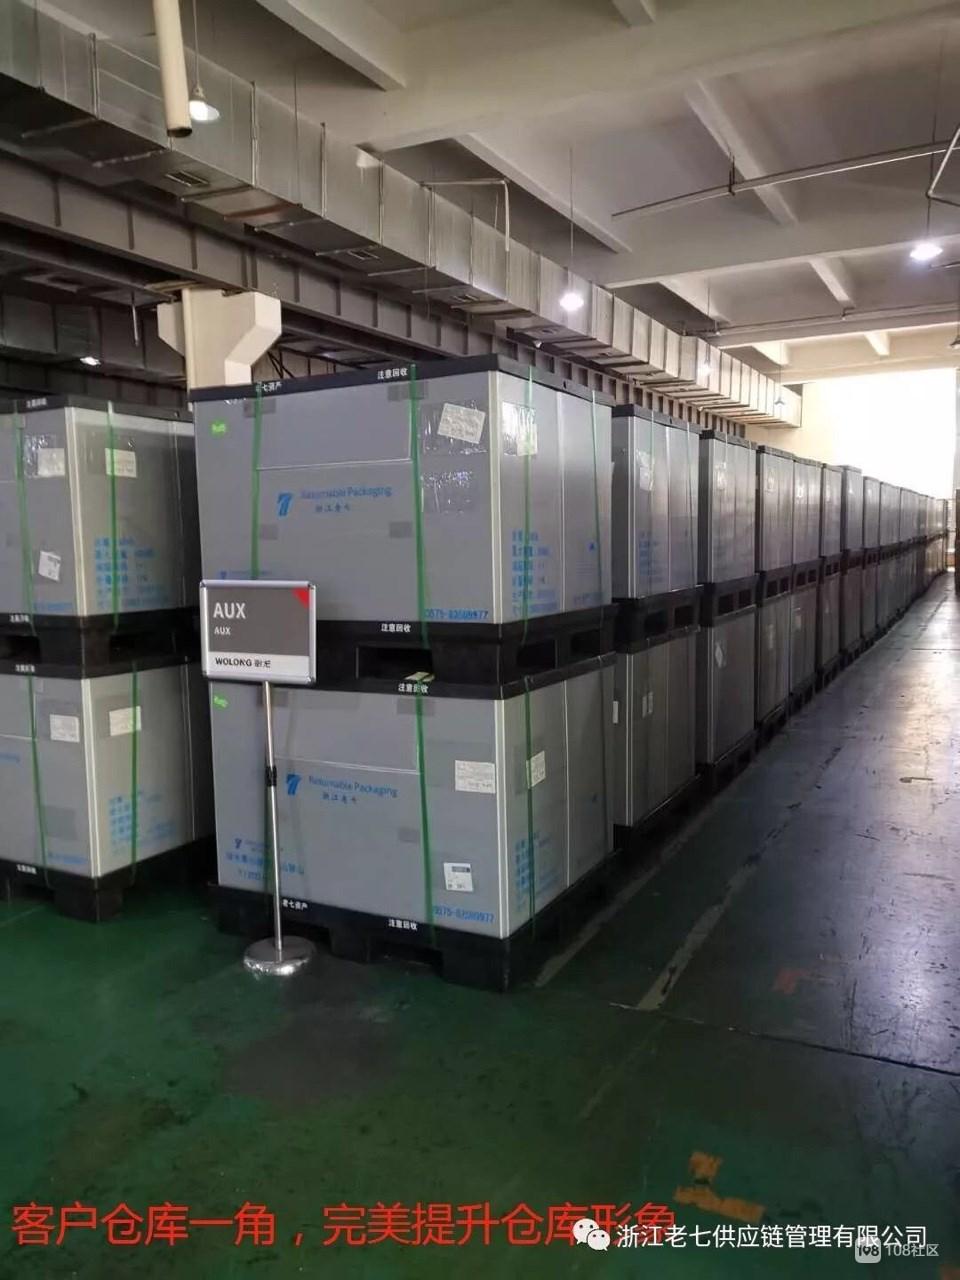 【招聘】浙江老七供应链管理有限公司招万向减震器驻场人员